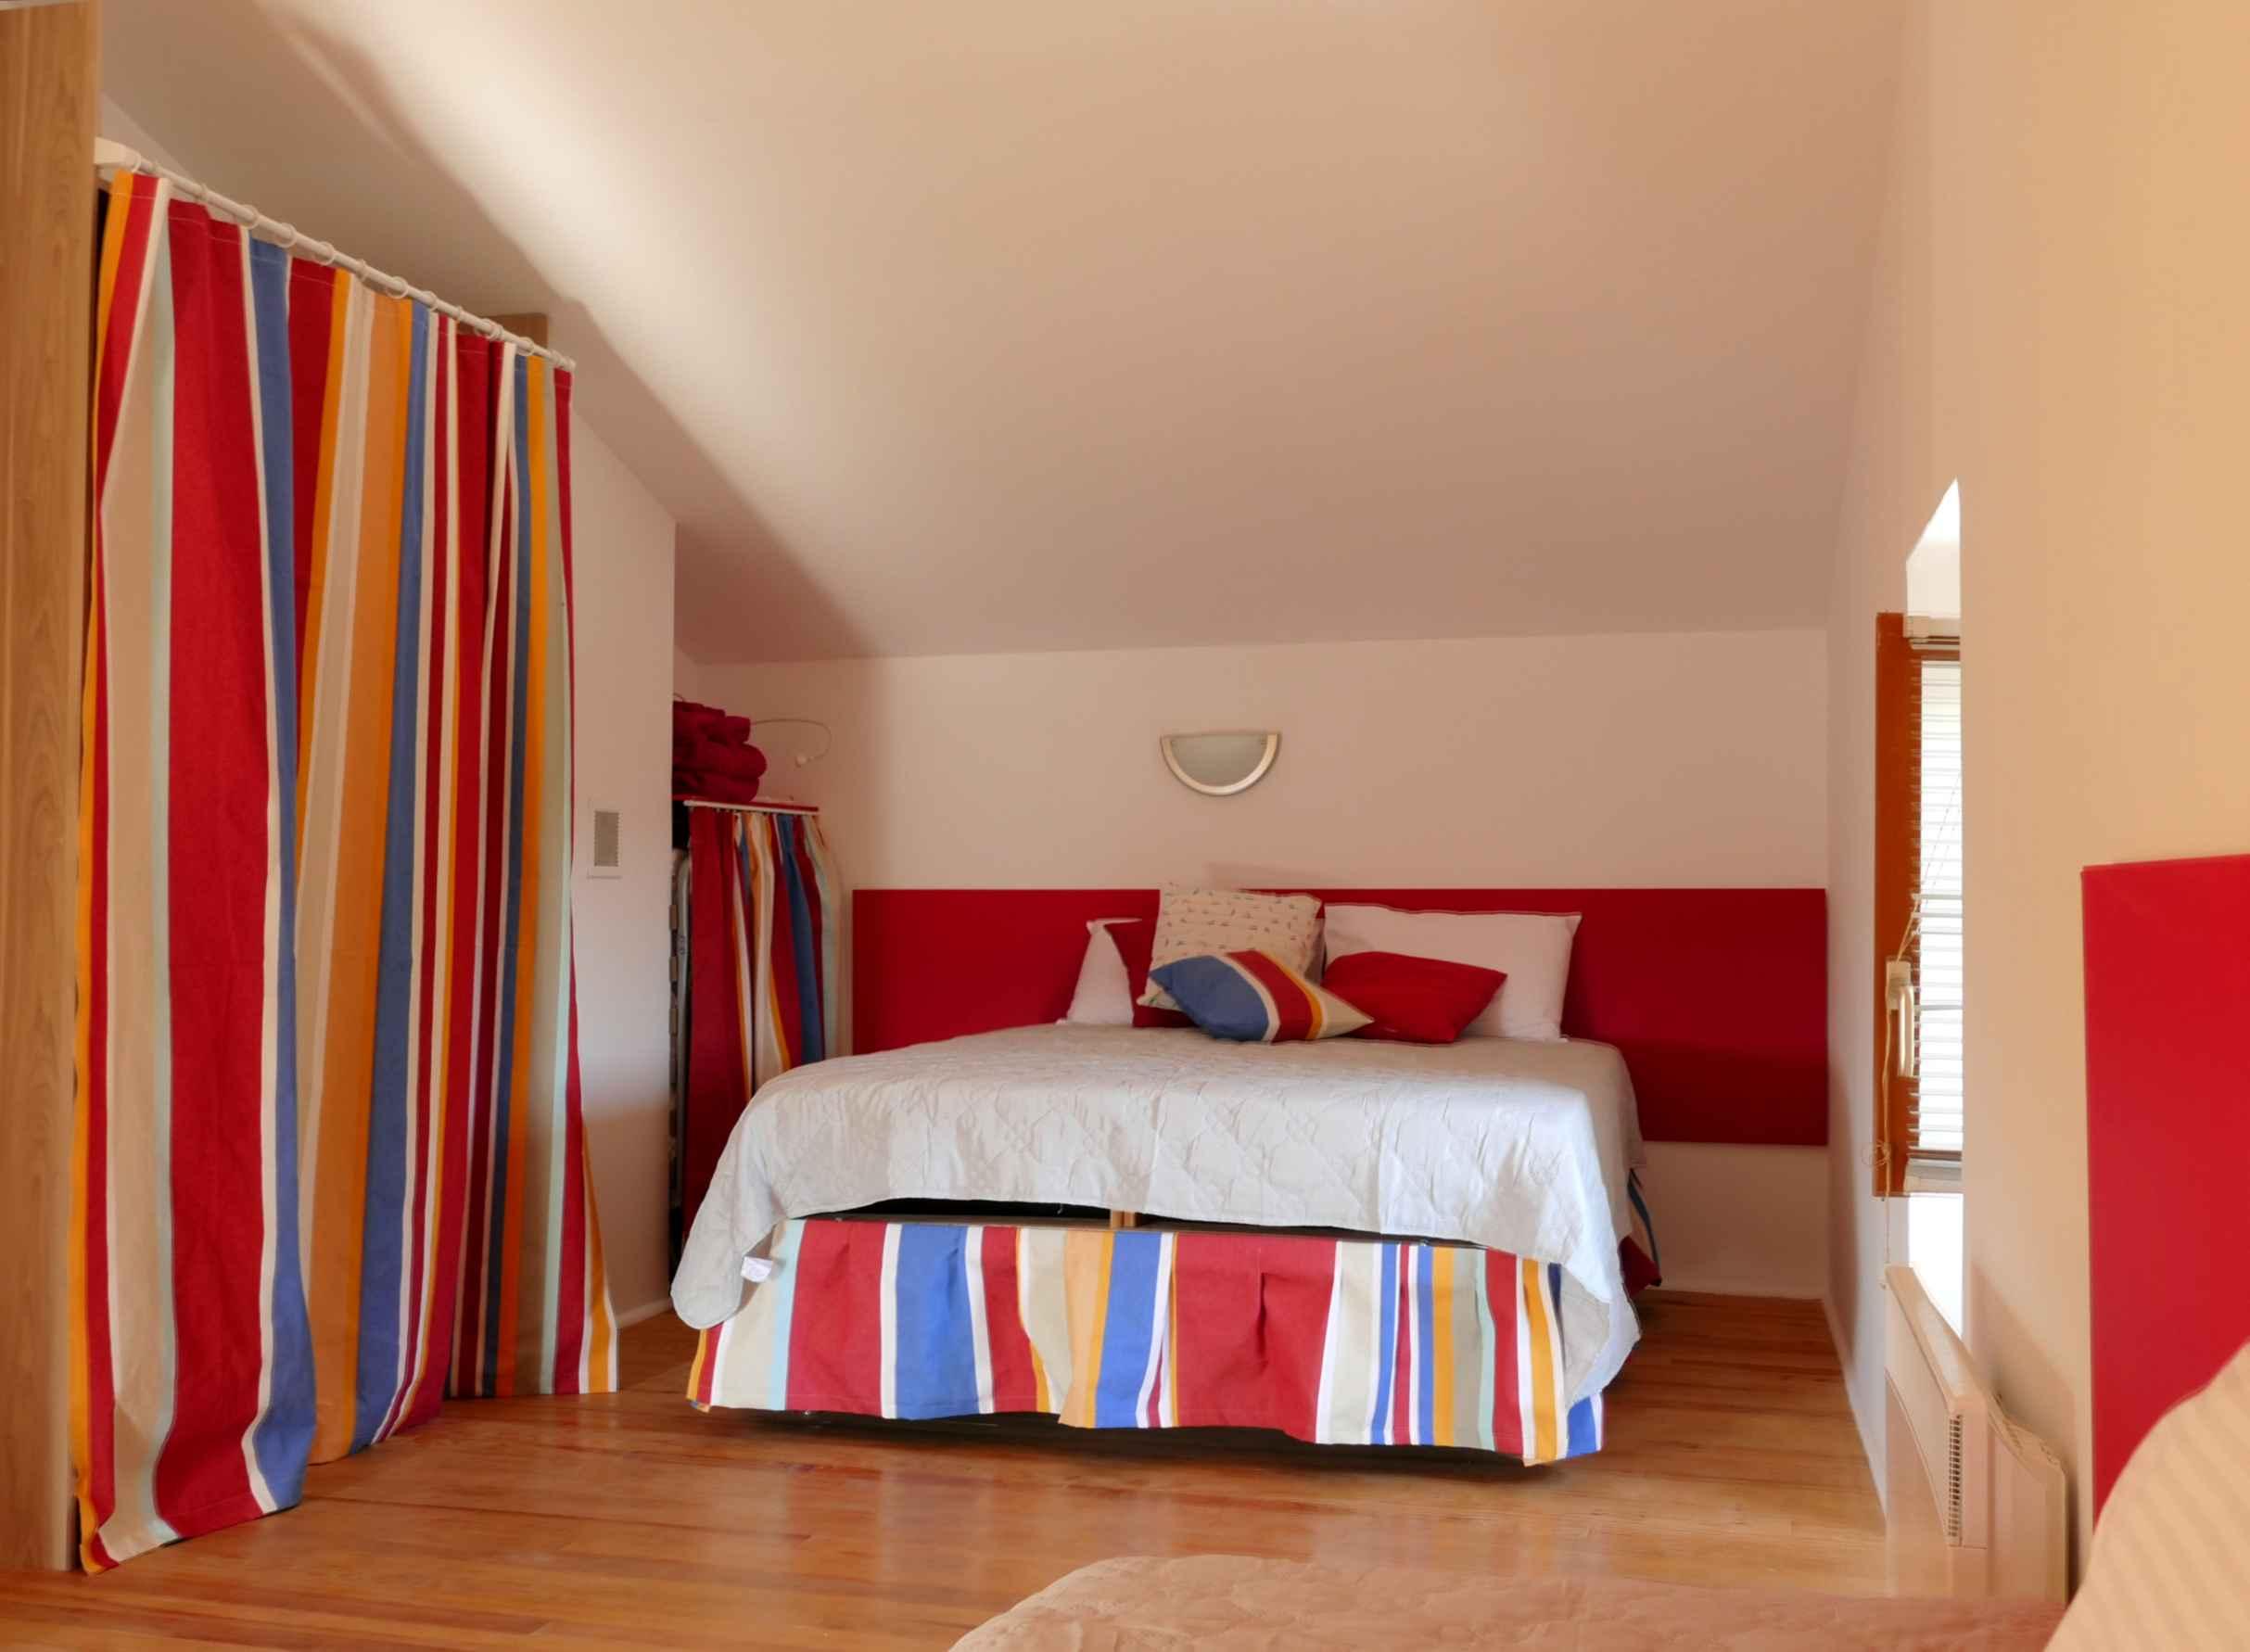 Lit double de la chambre rouge (à 4 lits)